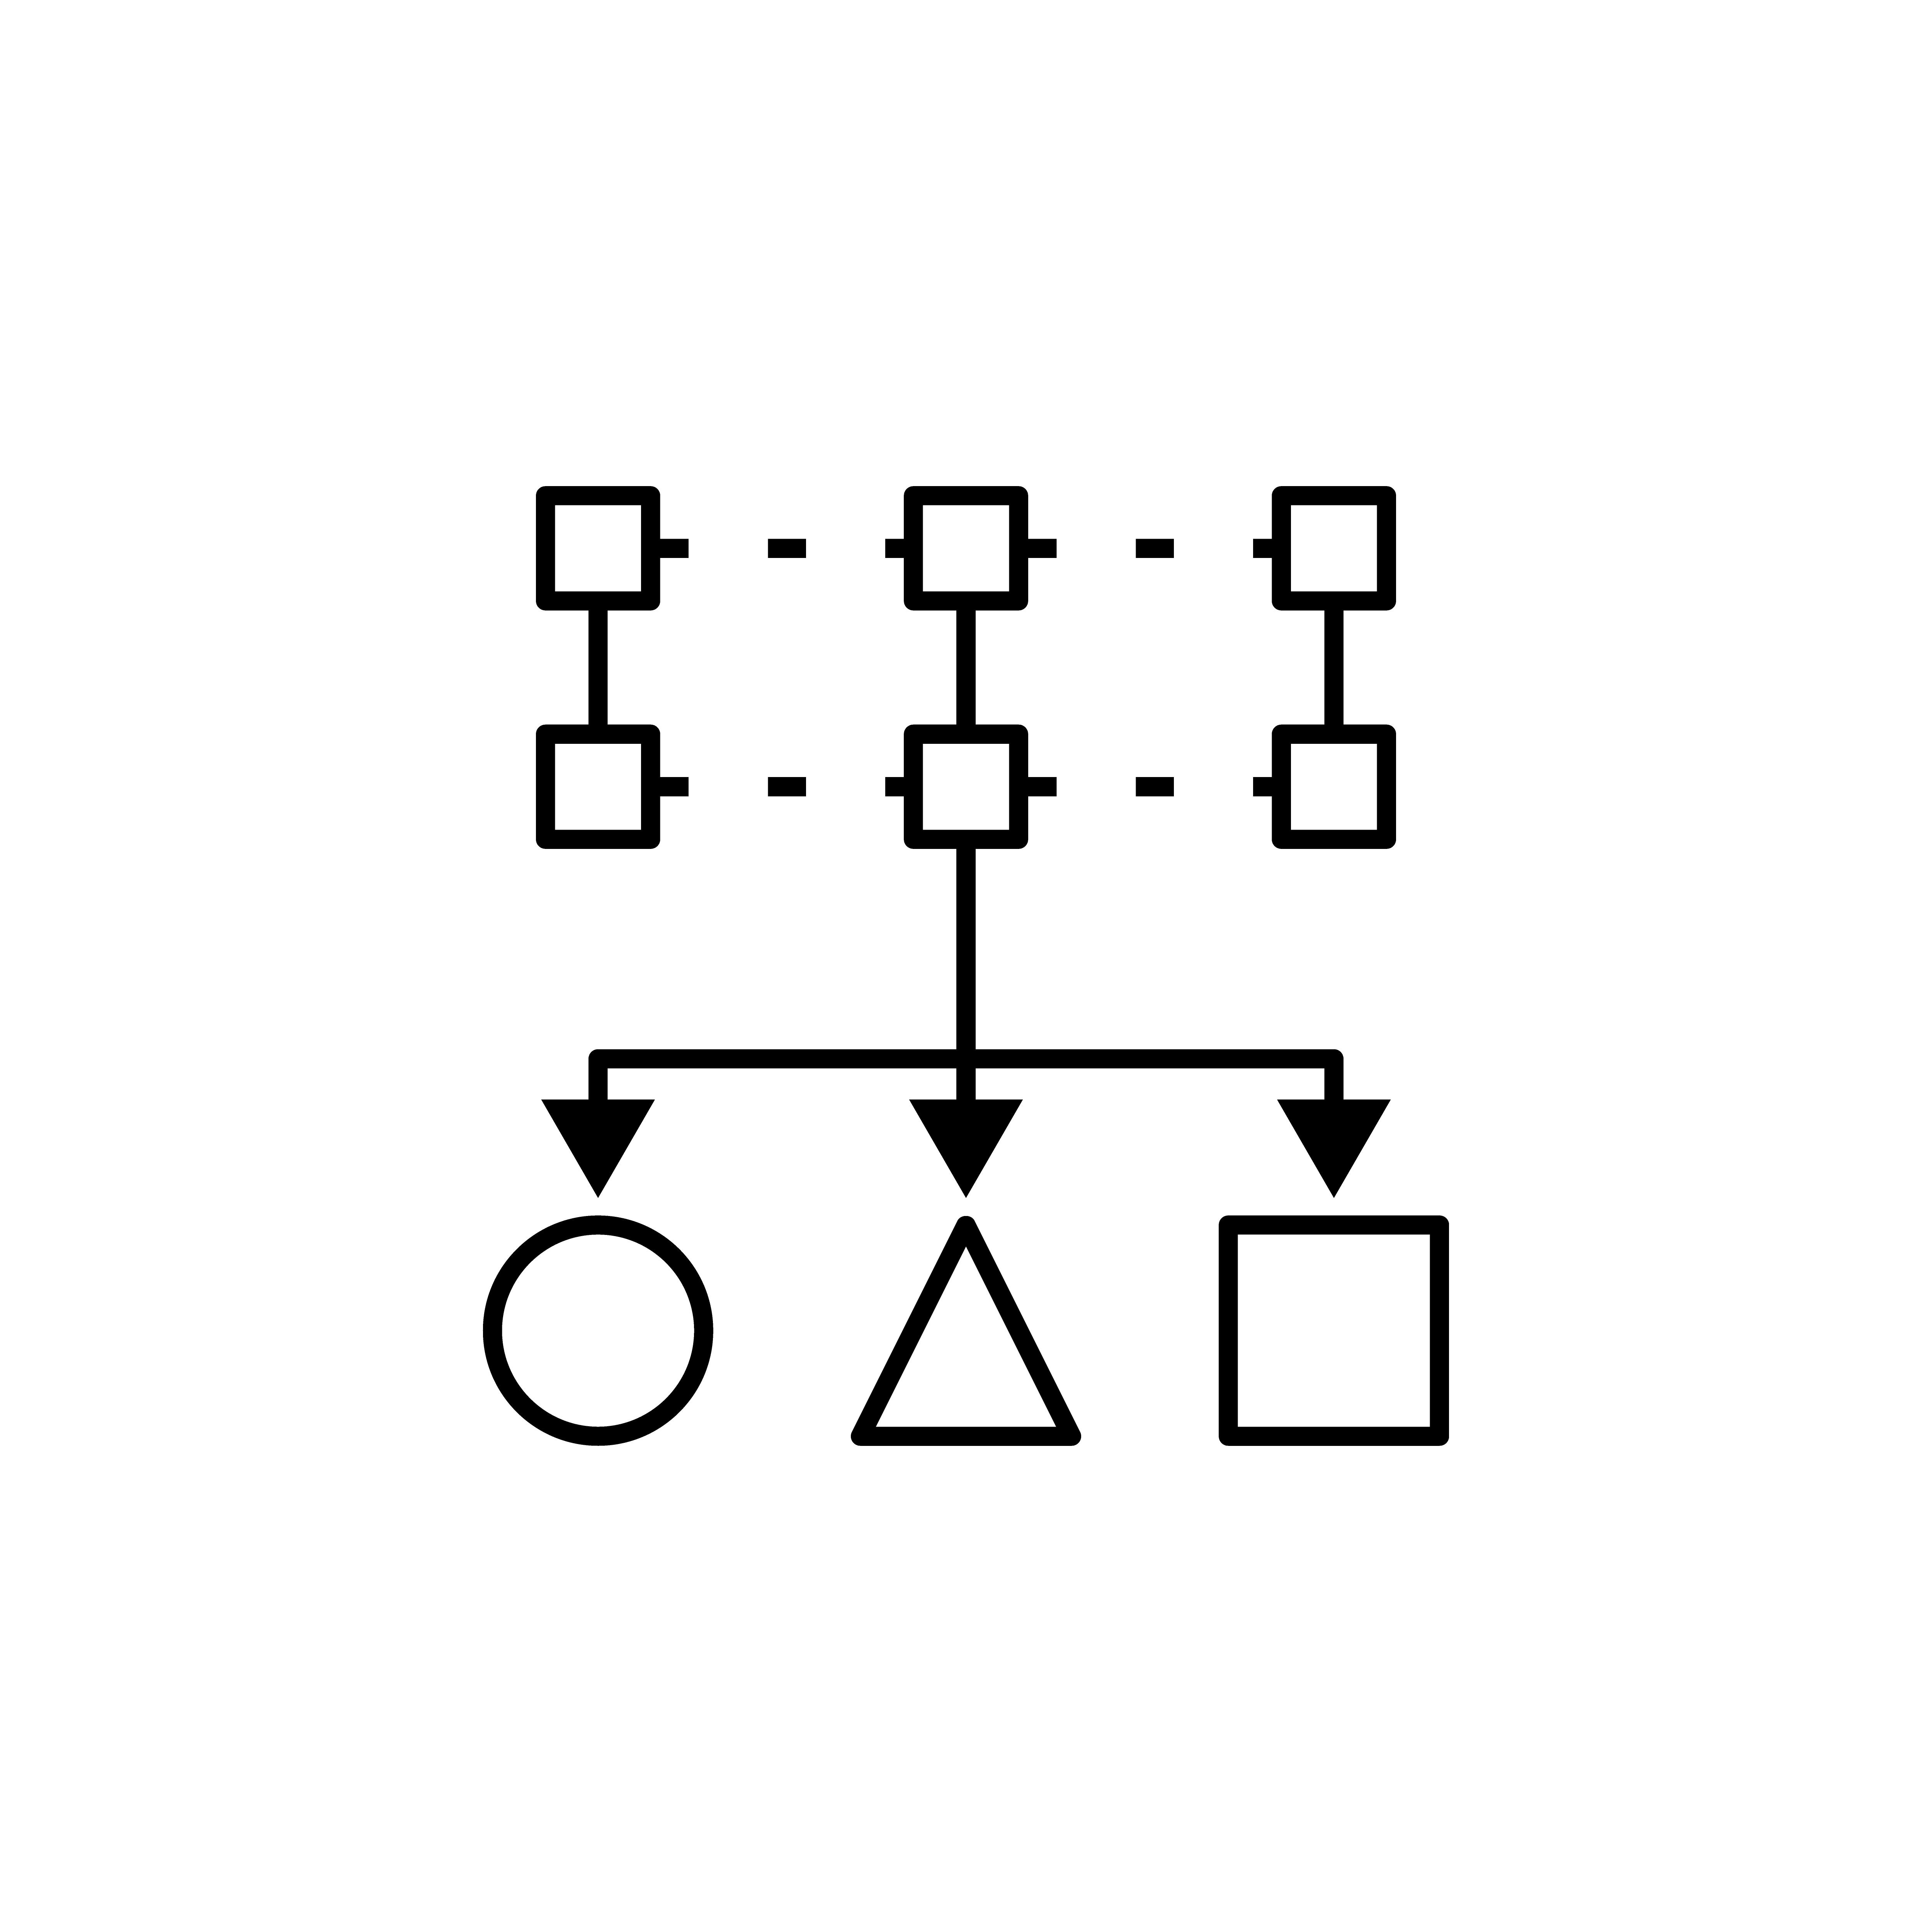 情報を分類分けするイメージ図